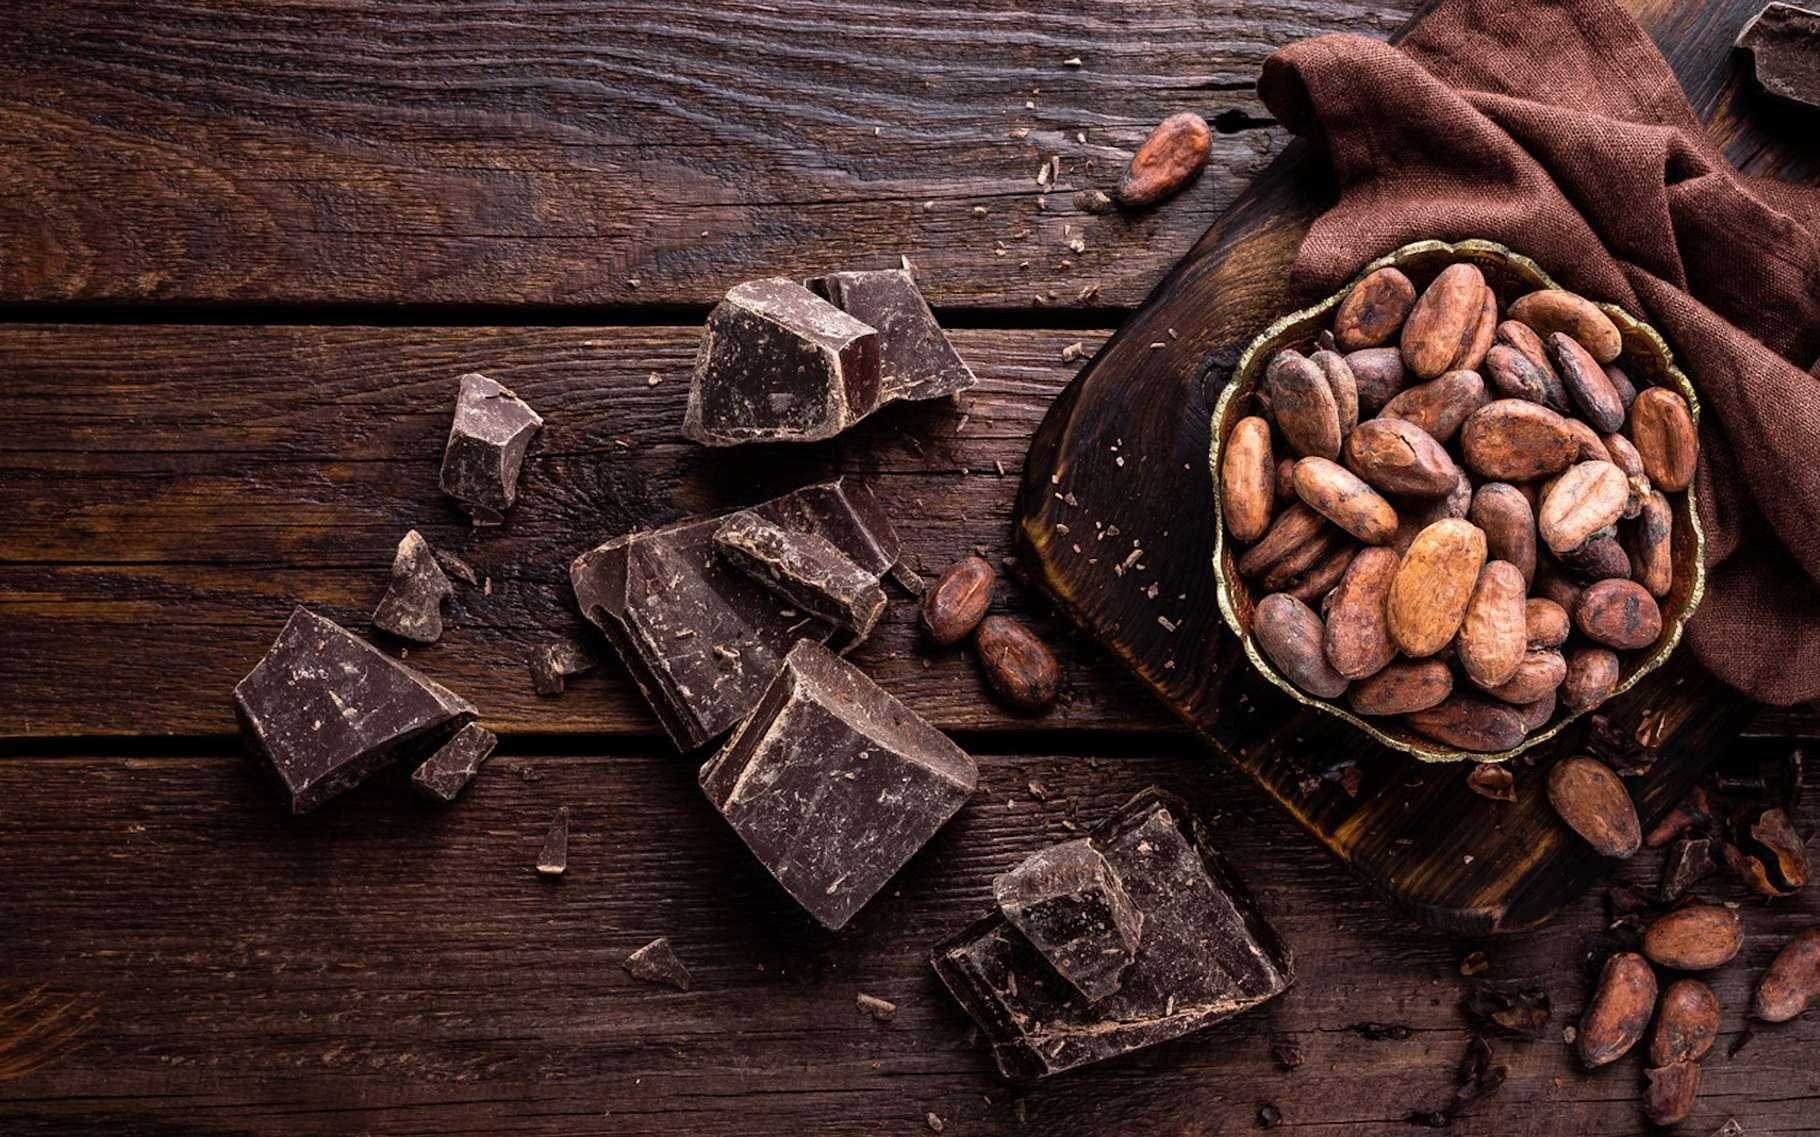 La Journée mondiale du chocolat se veut celle de la gourmandise mais aussi celle de la prise de conscience des conditions de vie et de travail des producteurs de cacao. © Sea Wave, Fotolia